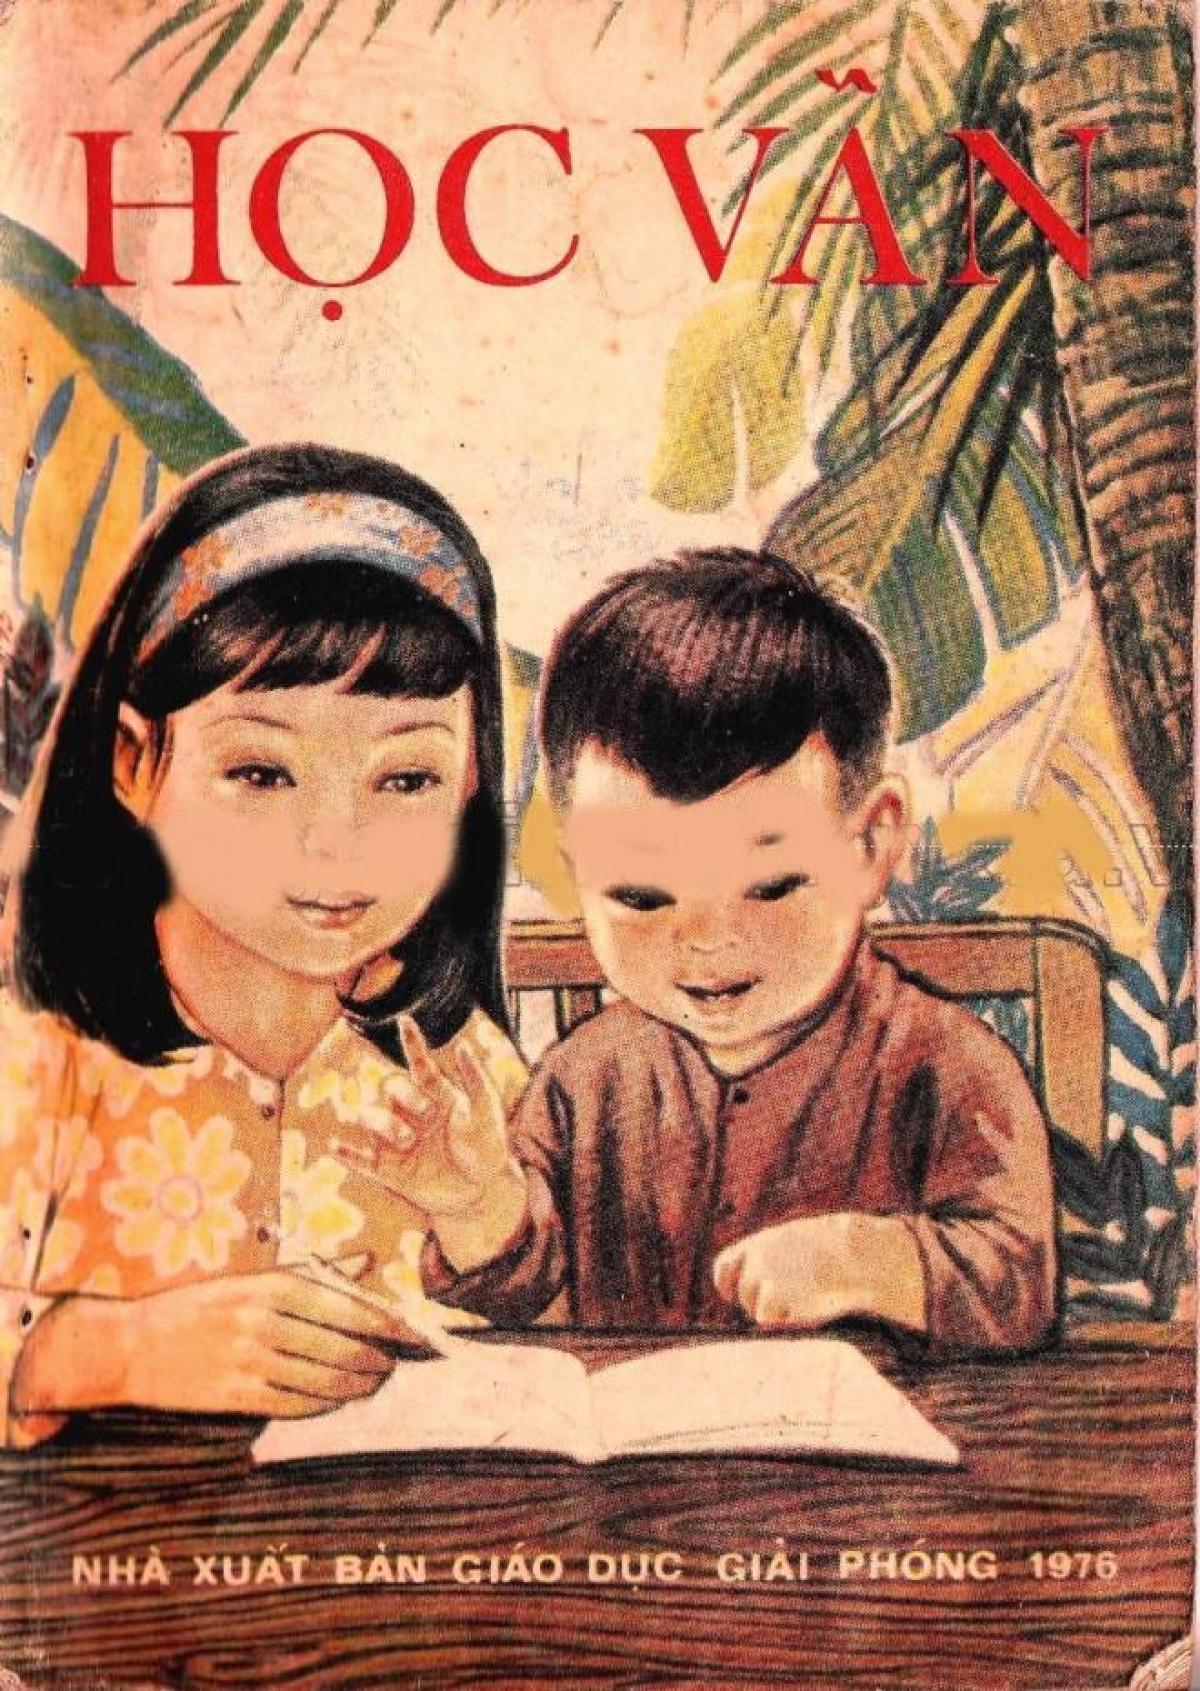 Những năm 70-80 thế kỷ trước, học trò lớp 1 sẽ được học môn Học vần. Khi đã biết các chữ cái và cách ghép vần, trẻ sẽ được học môn Tập đọc. Nghĩa là, thay cho sách Tiếng Việt như hiện nay, trẻ lớp 1 sẽ có sách Học vần và Tập đọc. Trong hình là ấn bản năm 1976.